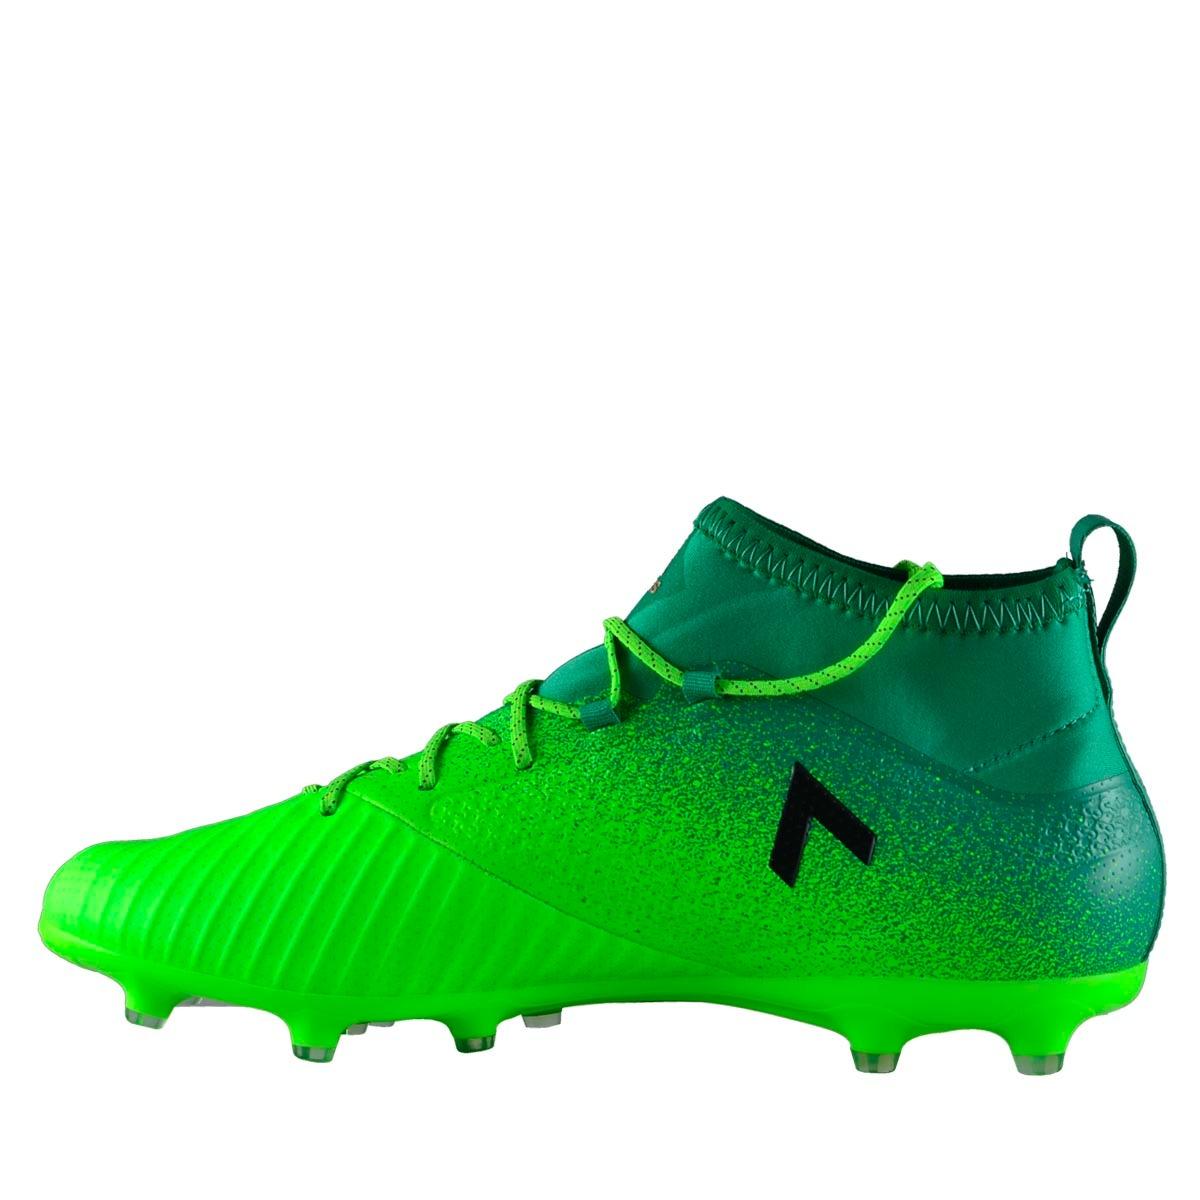 botines adidas verdes 2018